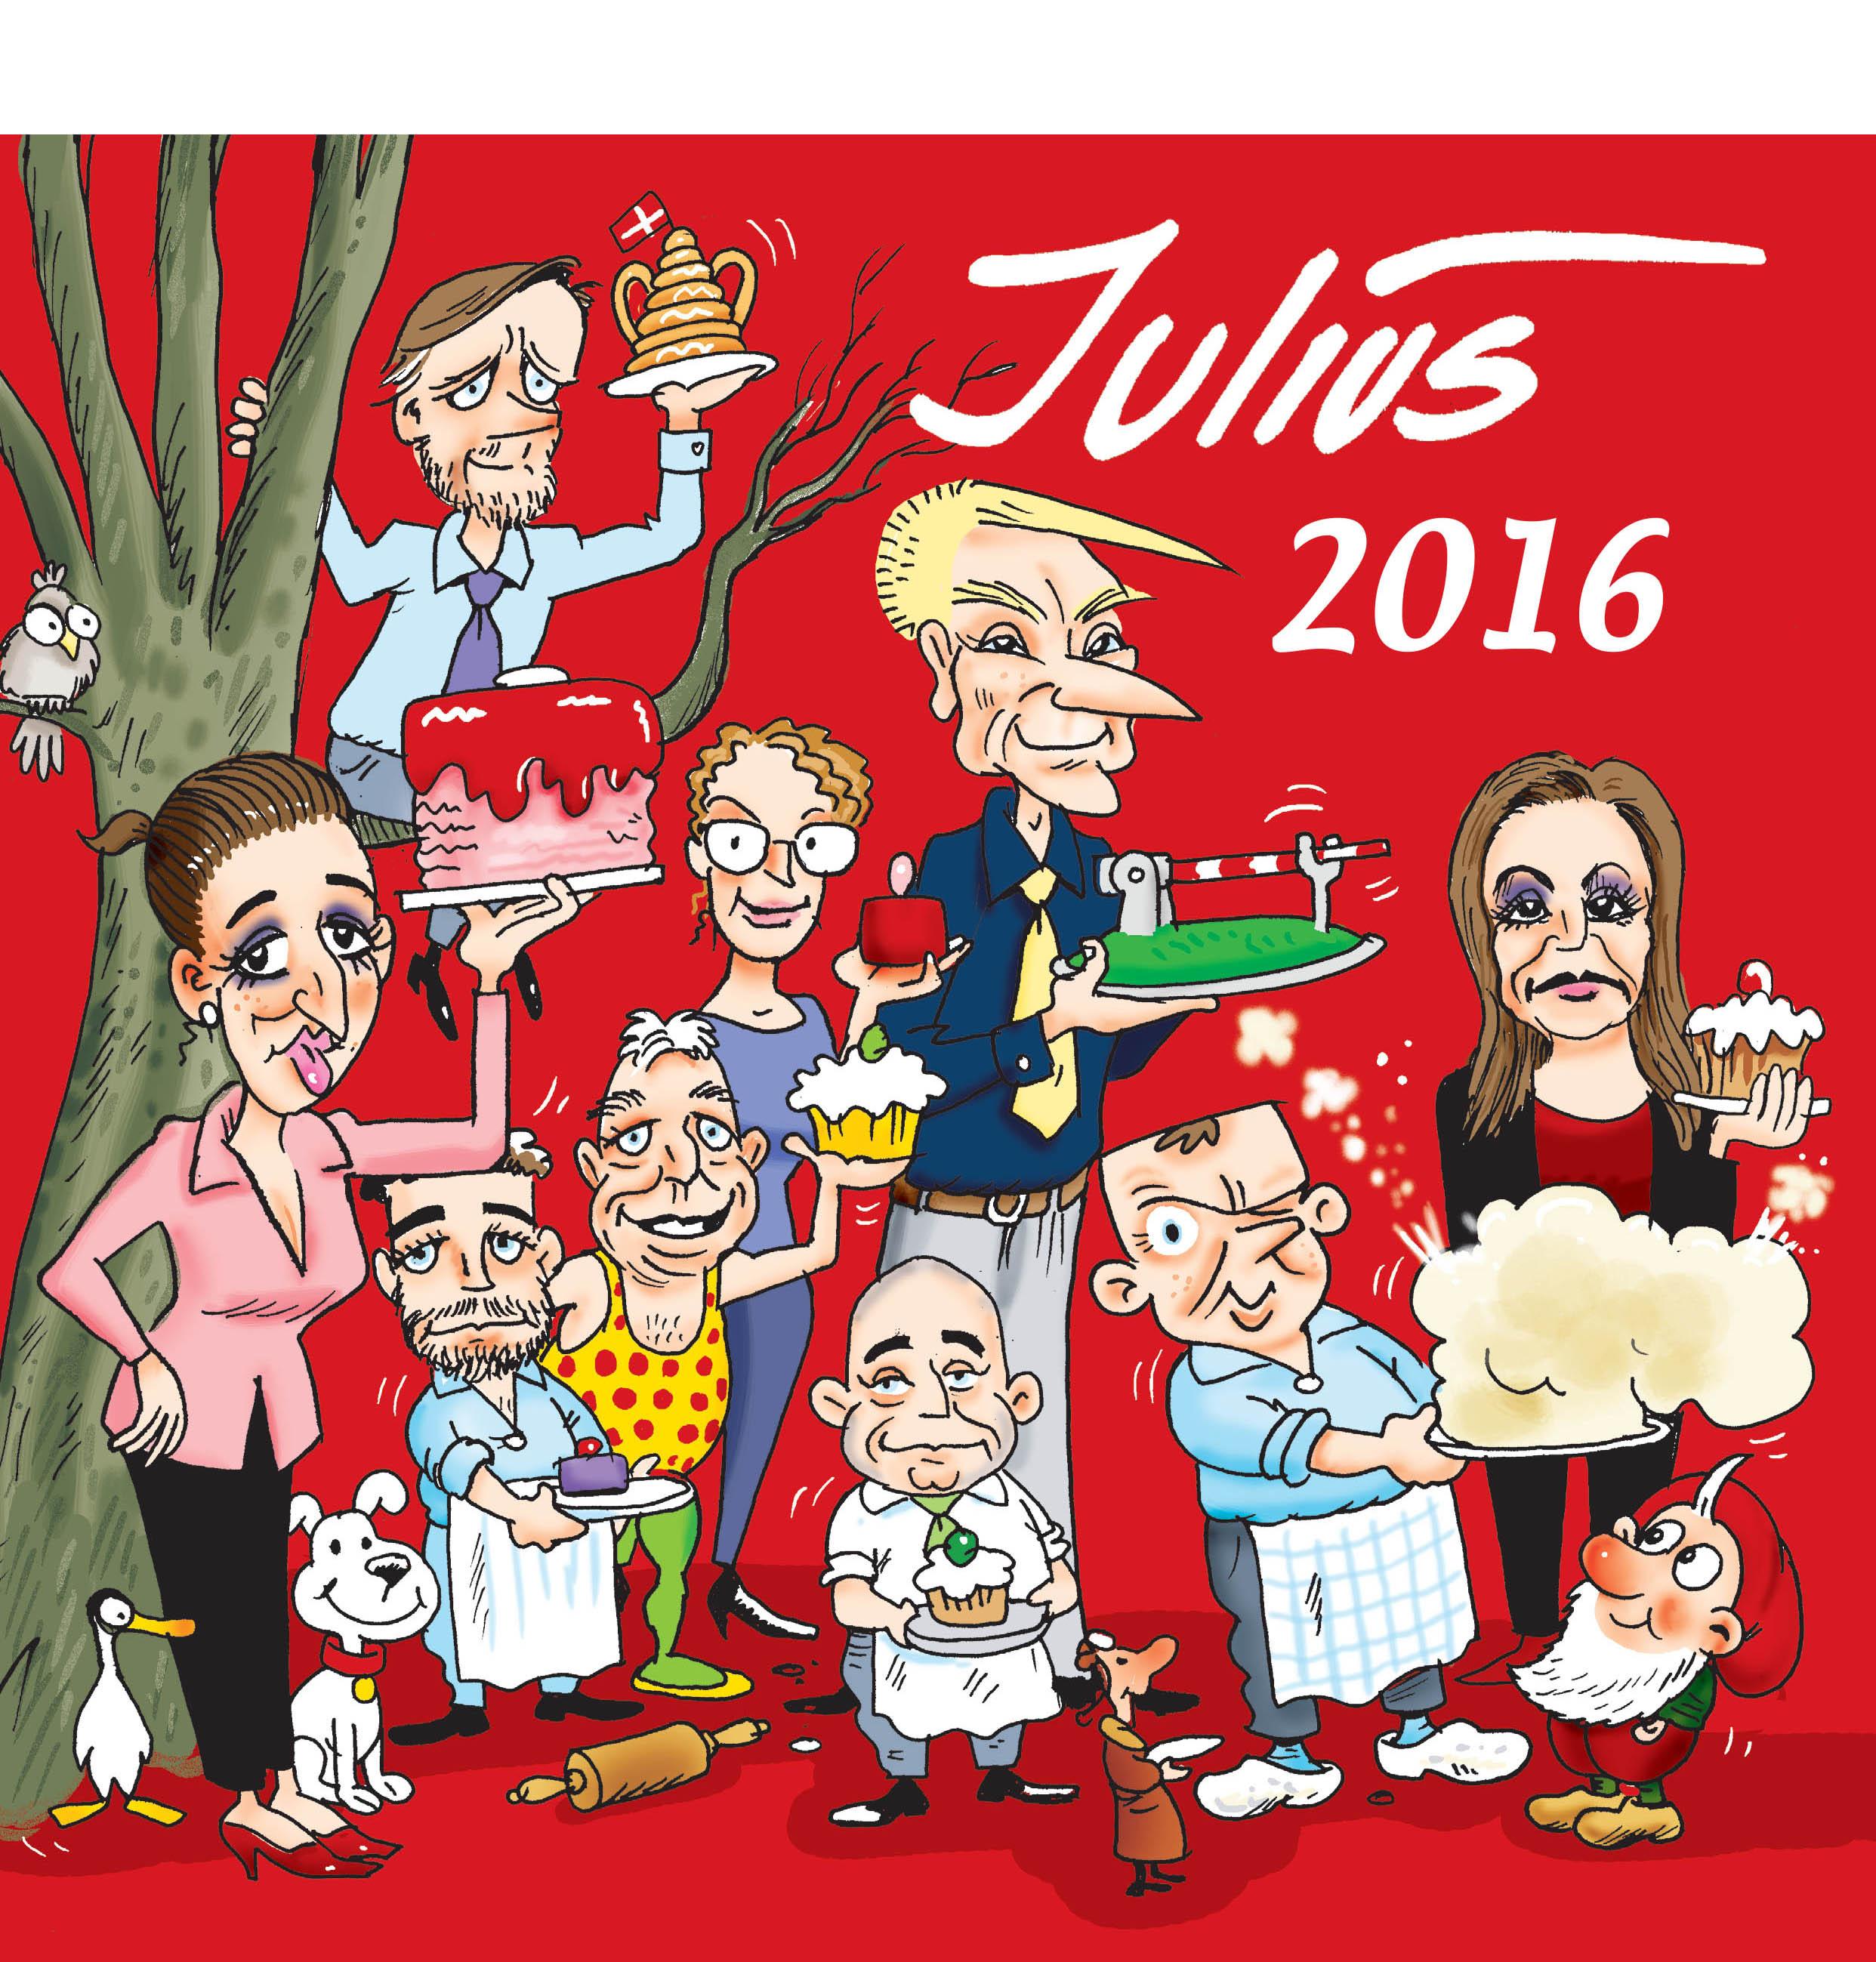 Julius 2016